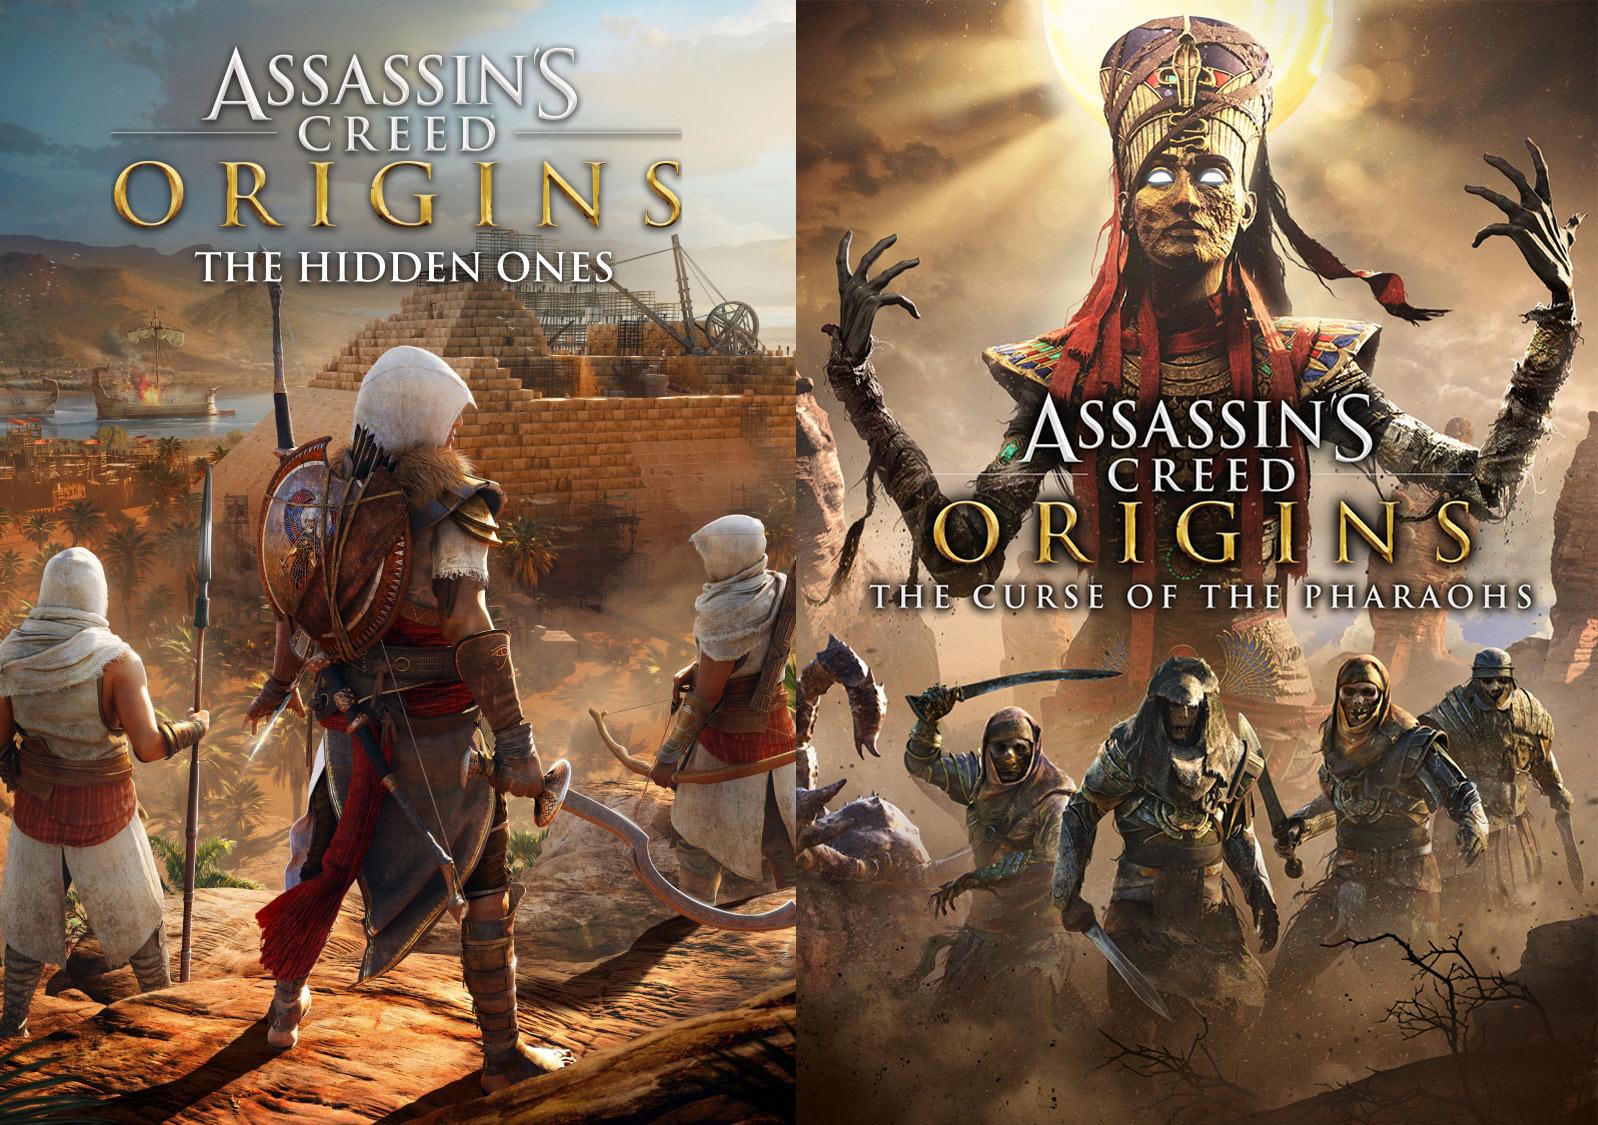 محتویات سیزنپس Assassin's Creed: Origins مشخص شدند